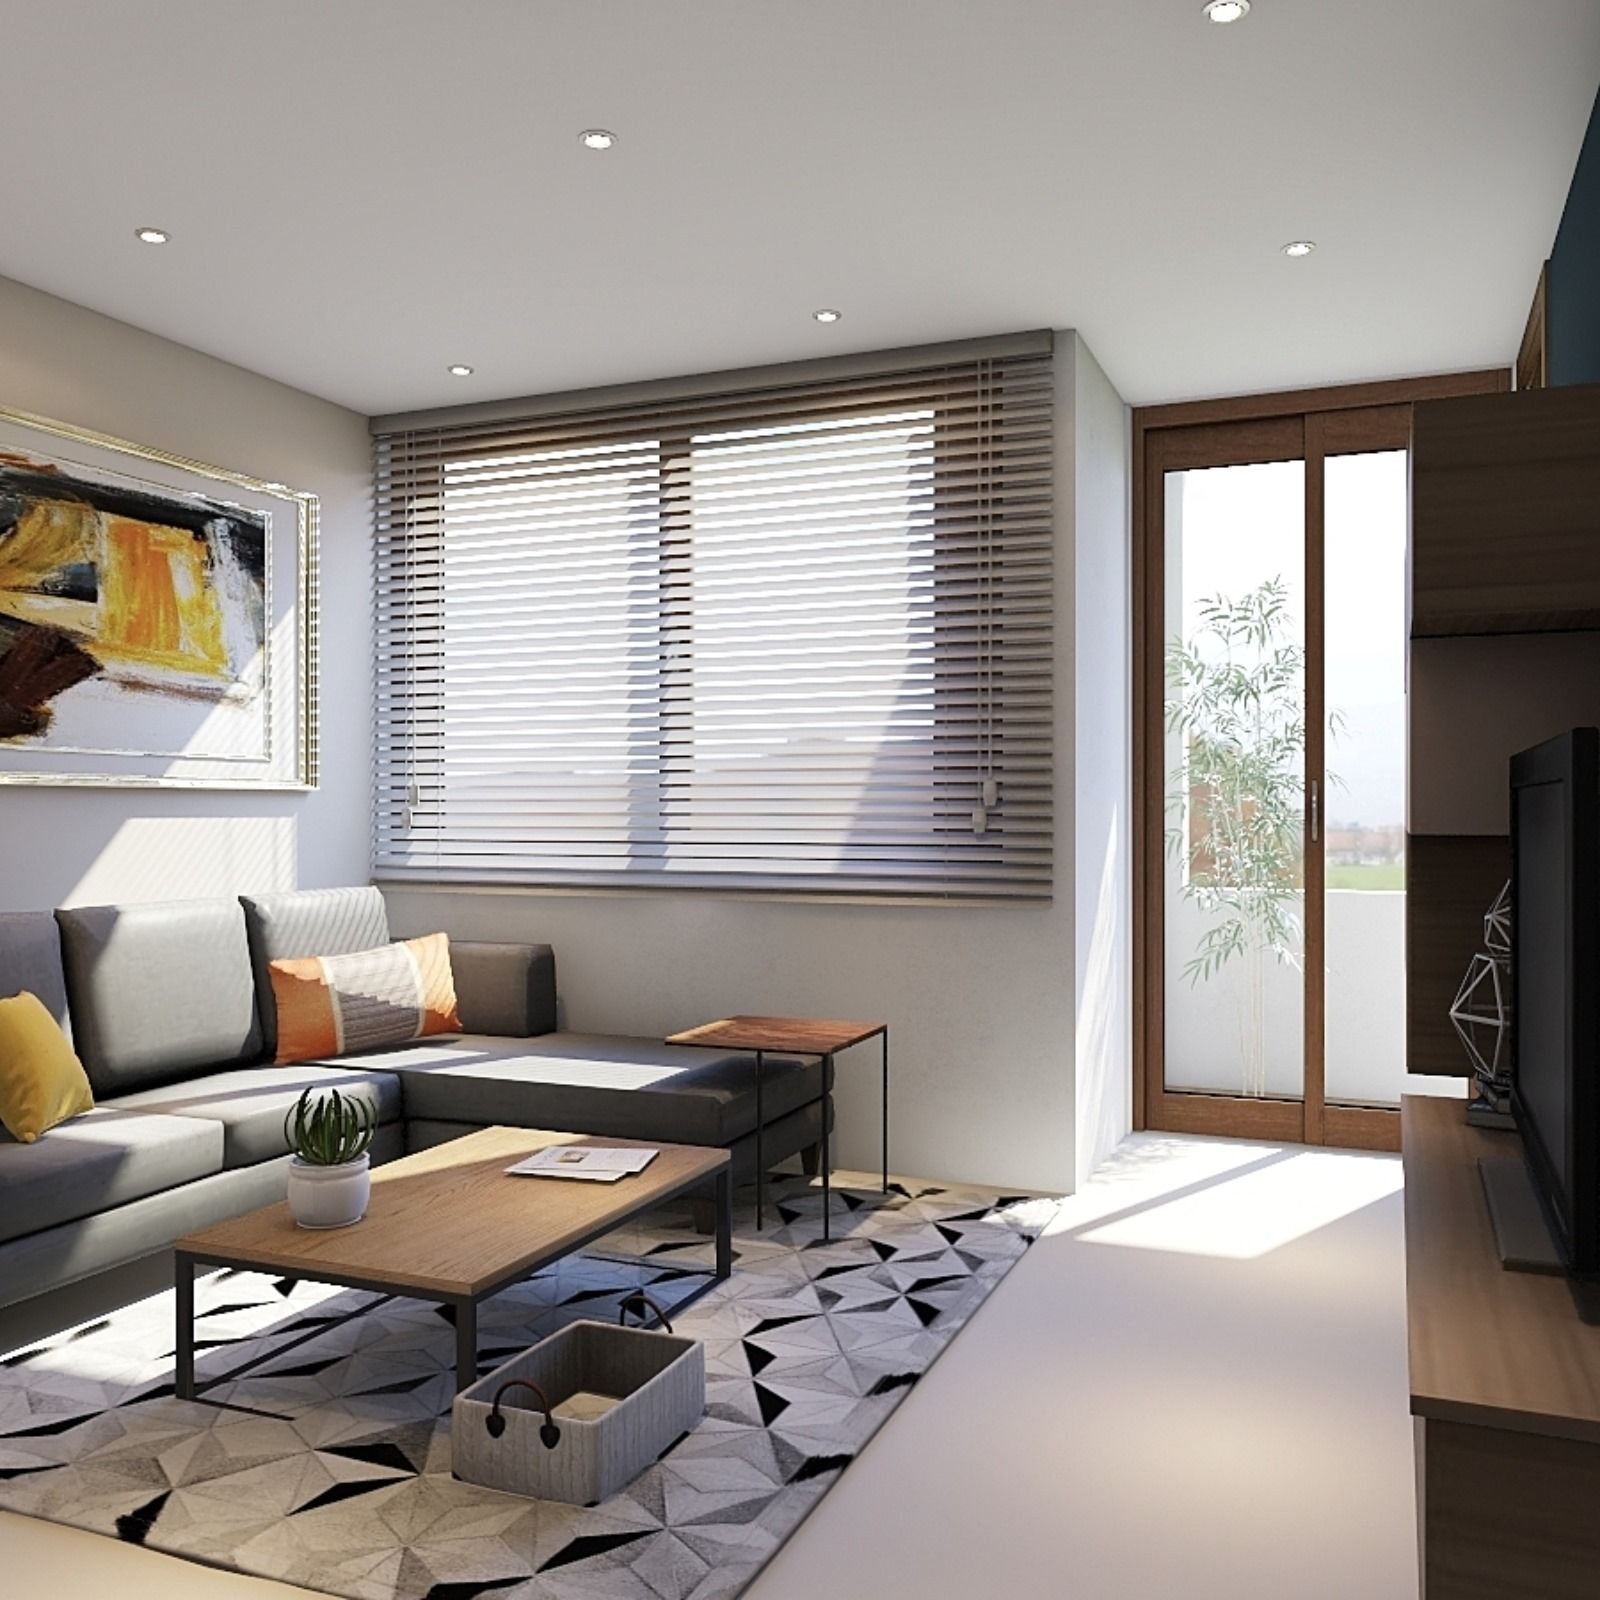 Living Room Design By Carmen Escalante Home Design Software 3d